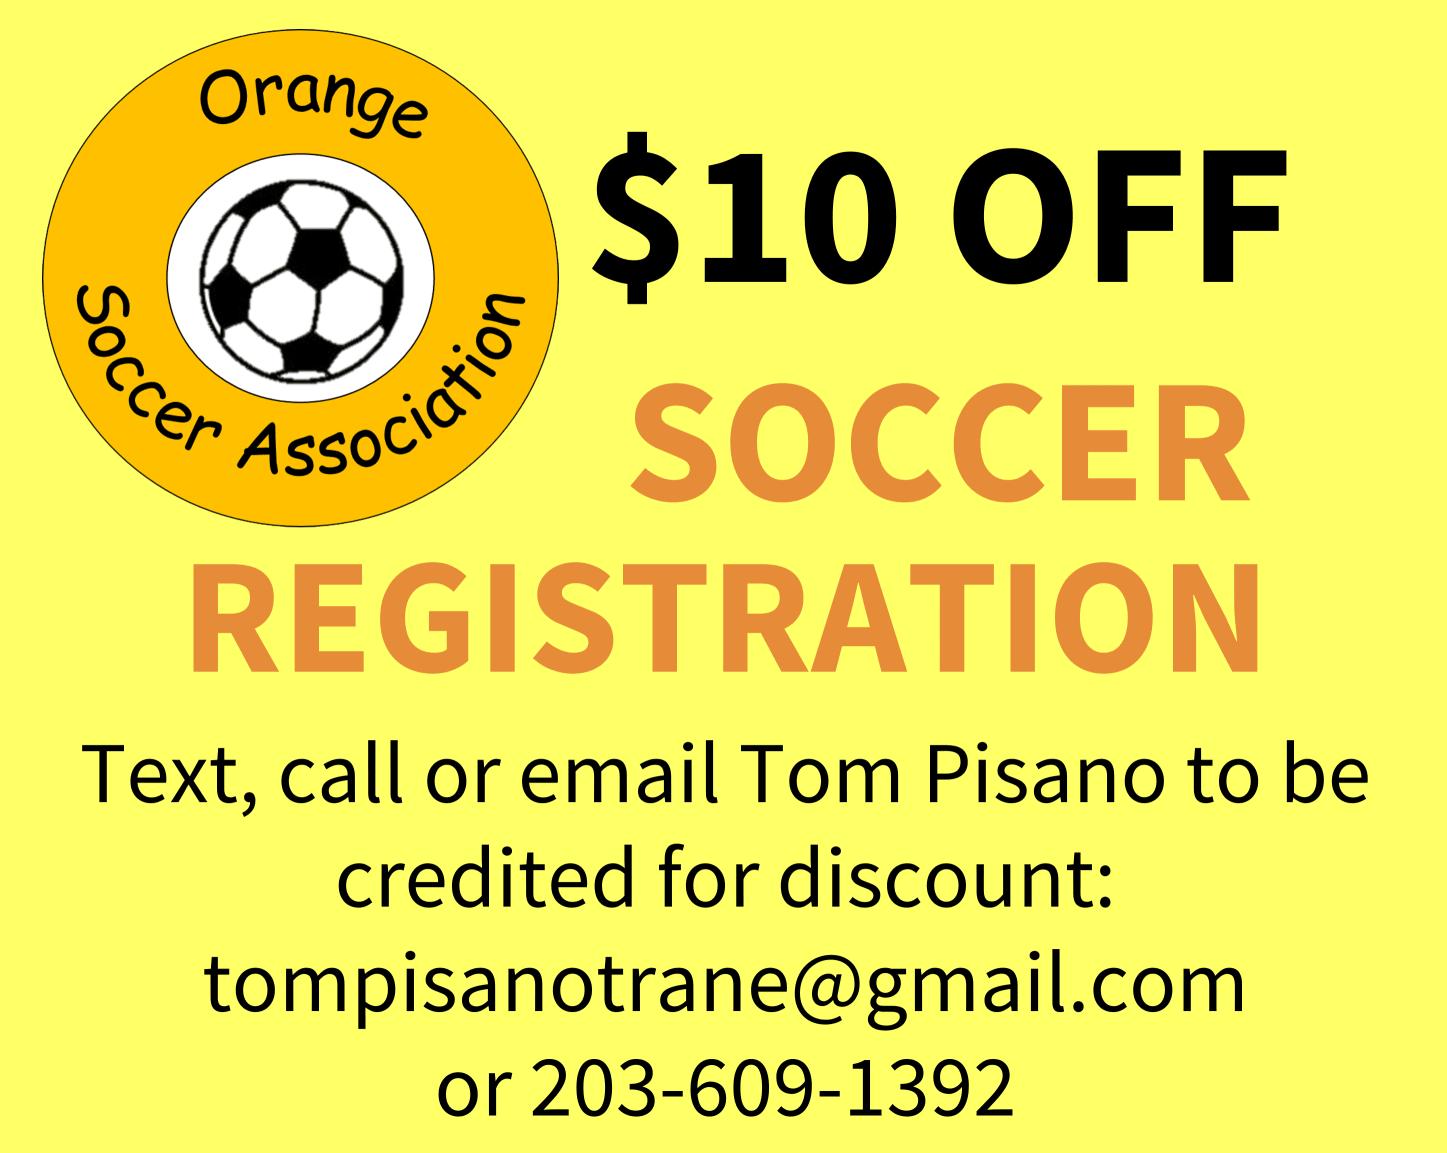 Orange Soccer Association Registration Discount